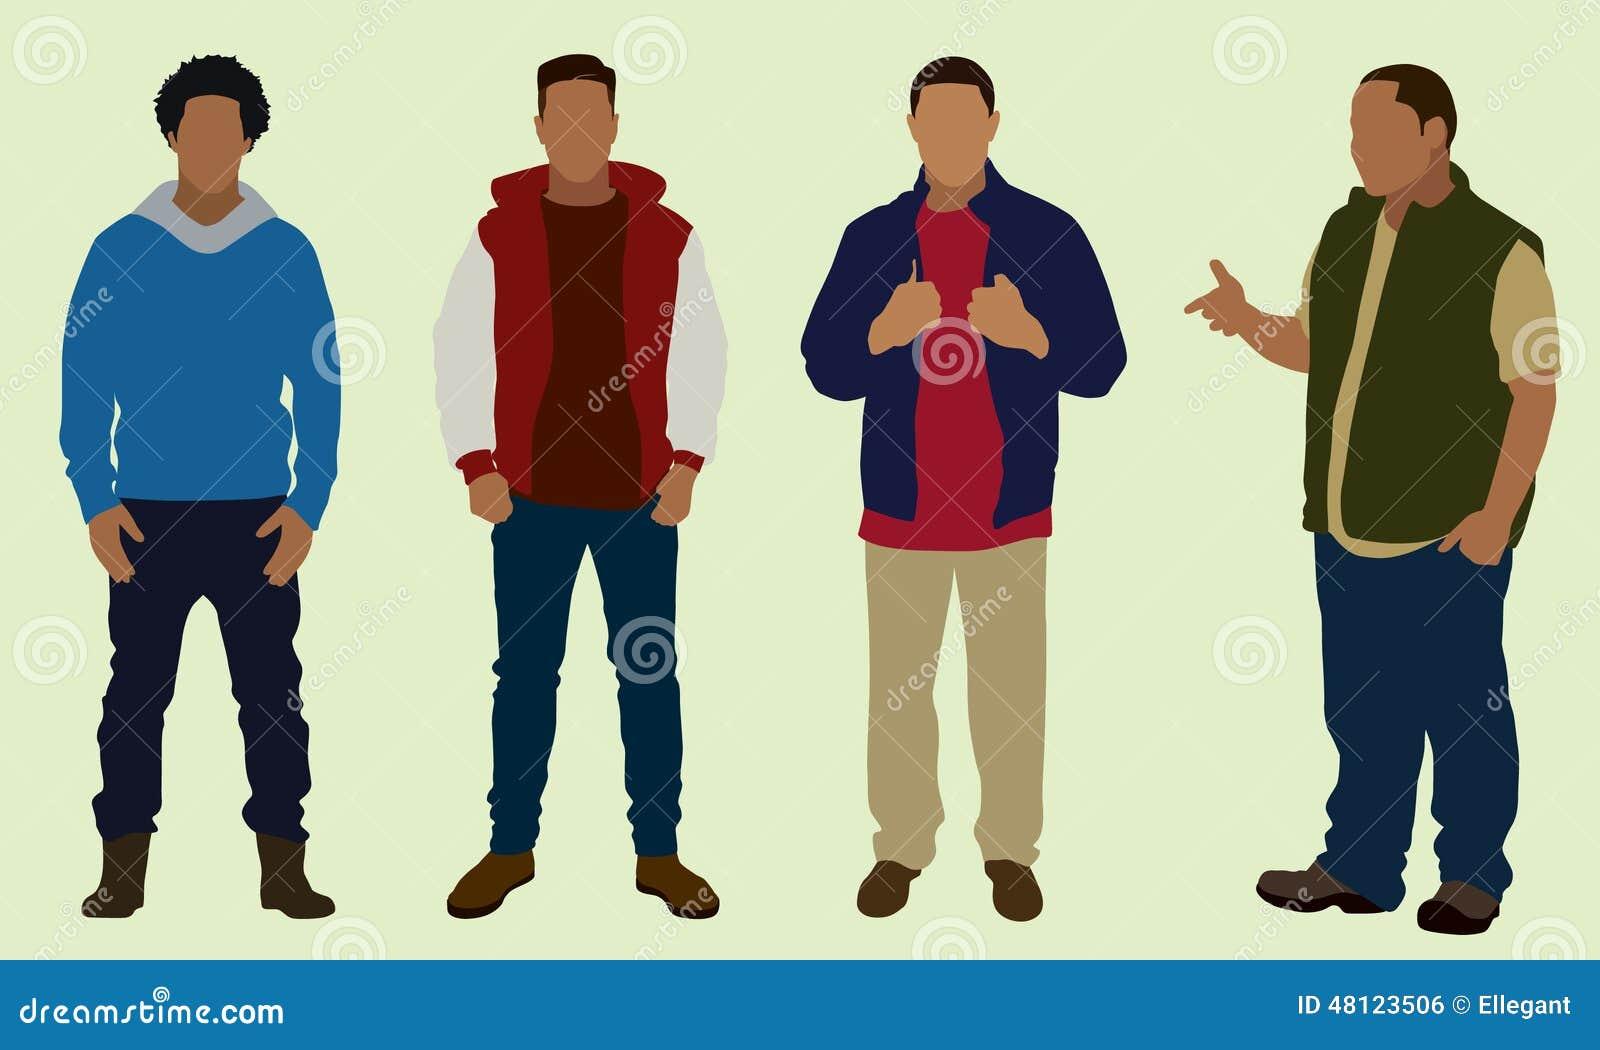 Teen Boys Clothes